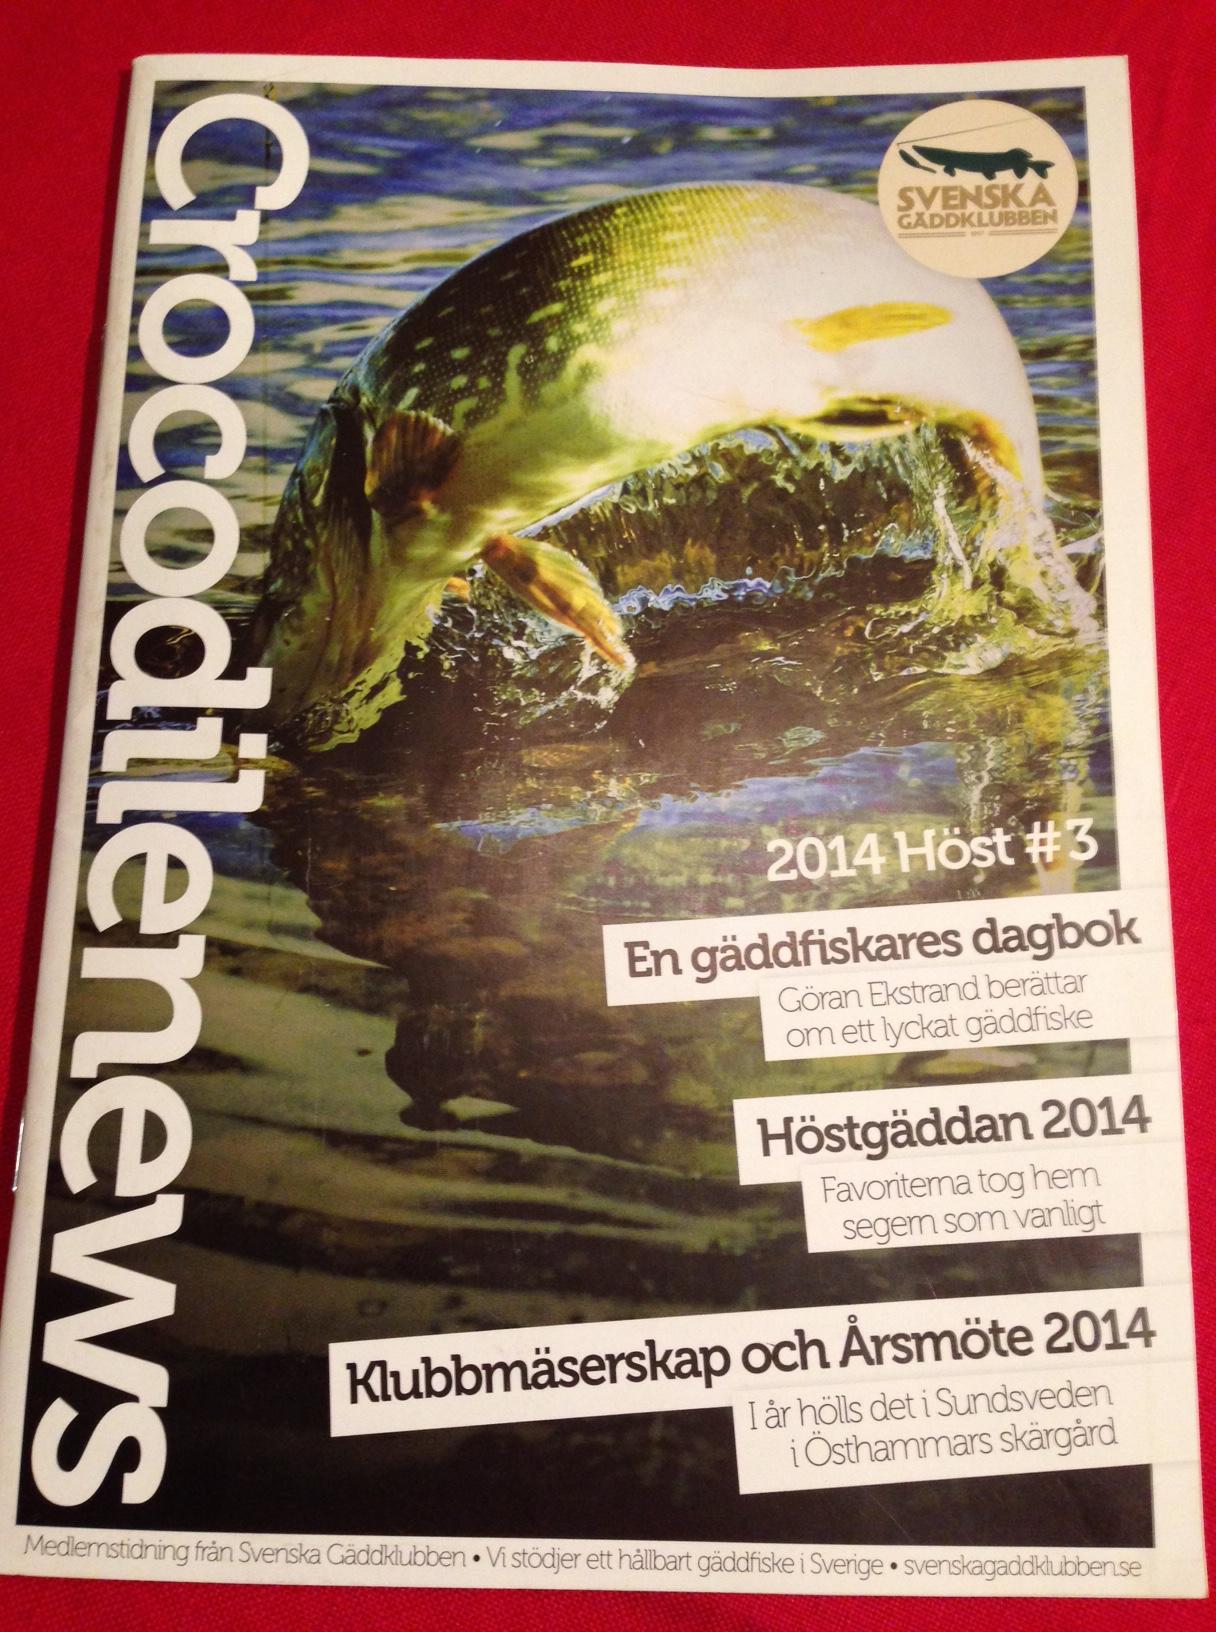 Crocodilenews - Grym medlemstidning som du bör sponsra om du gör pengar på Gäddfiske, och som du får hemburen som medlem.